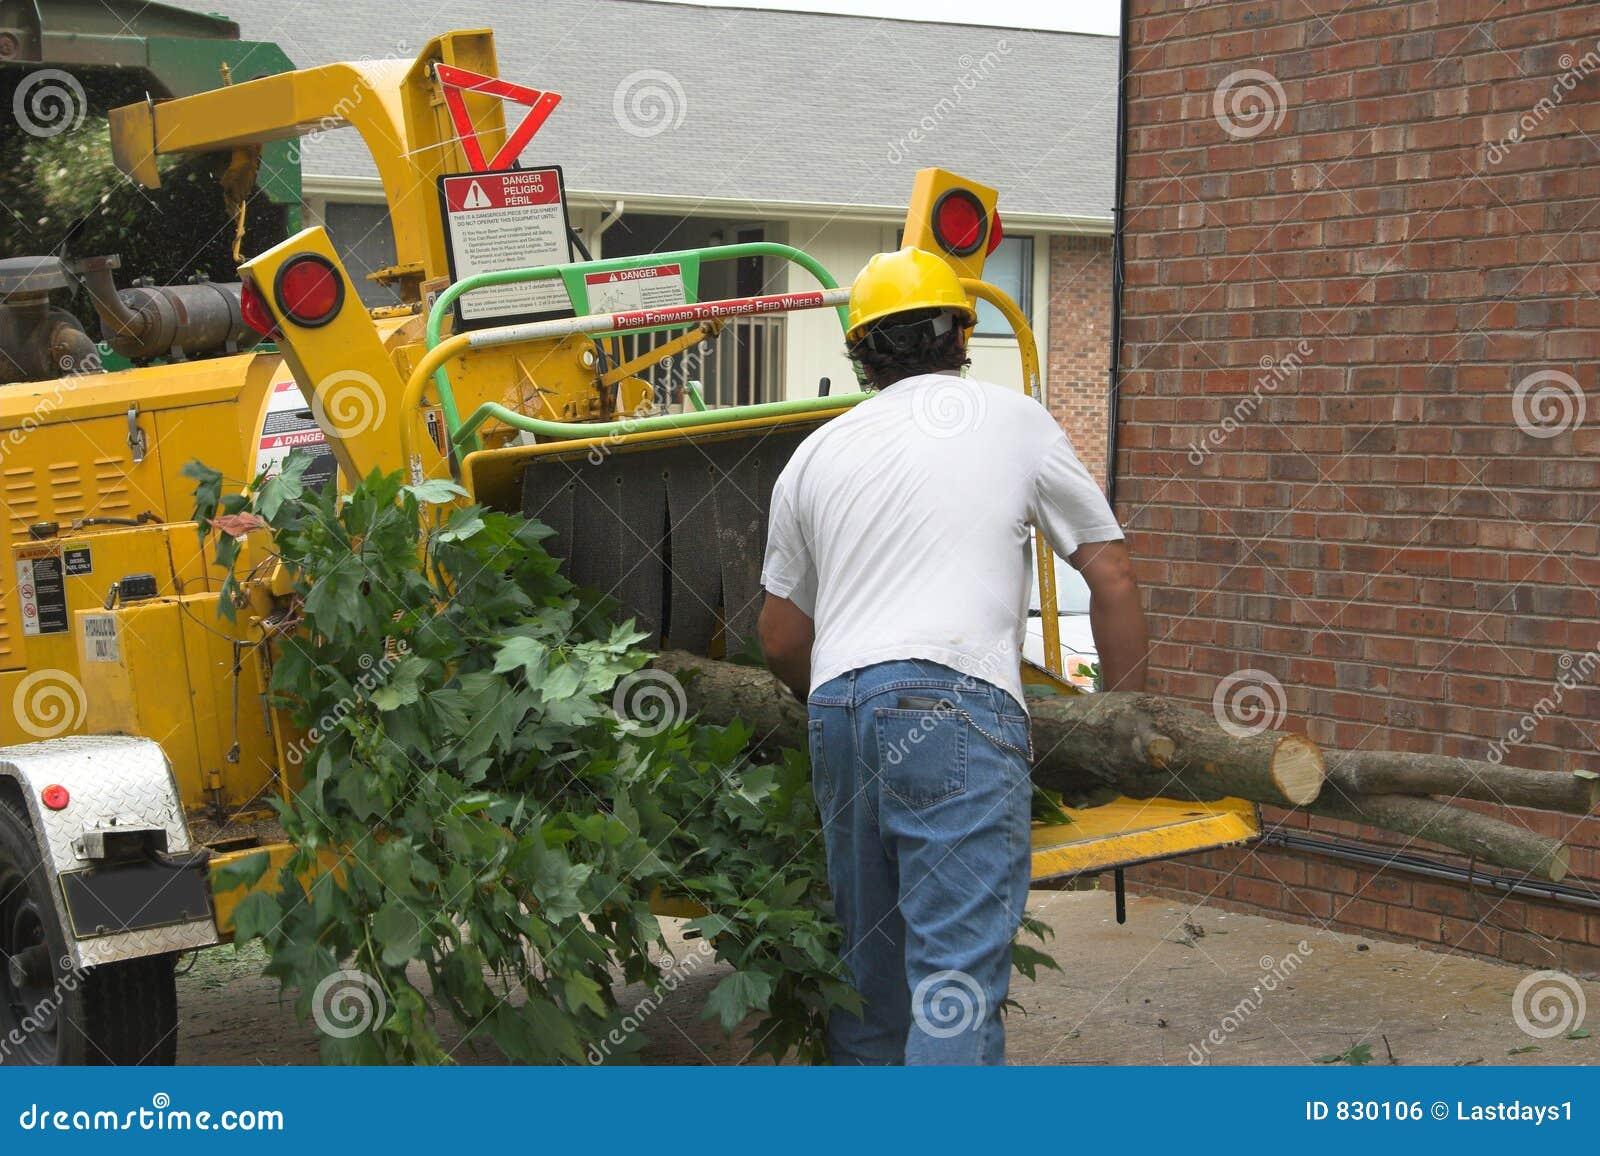 Tree worker feeding chipper